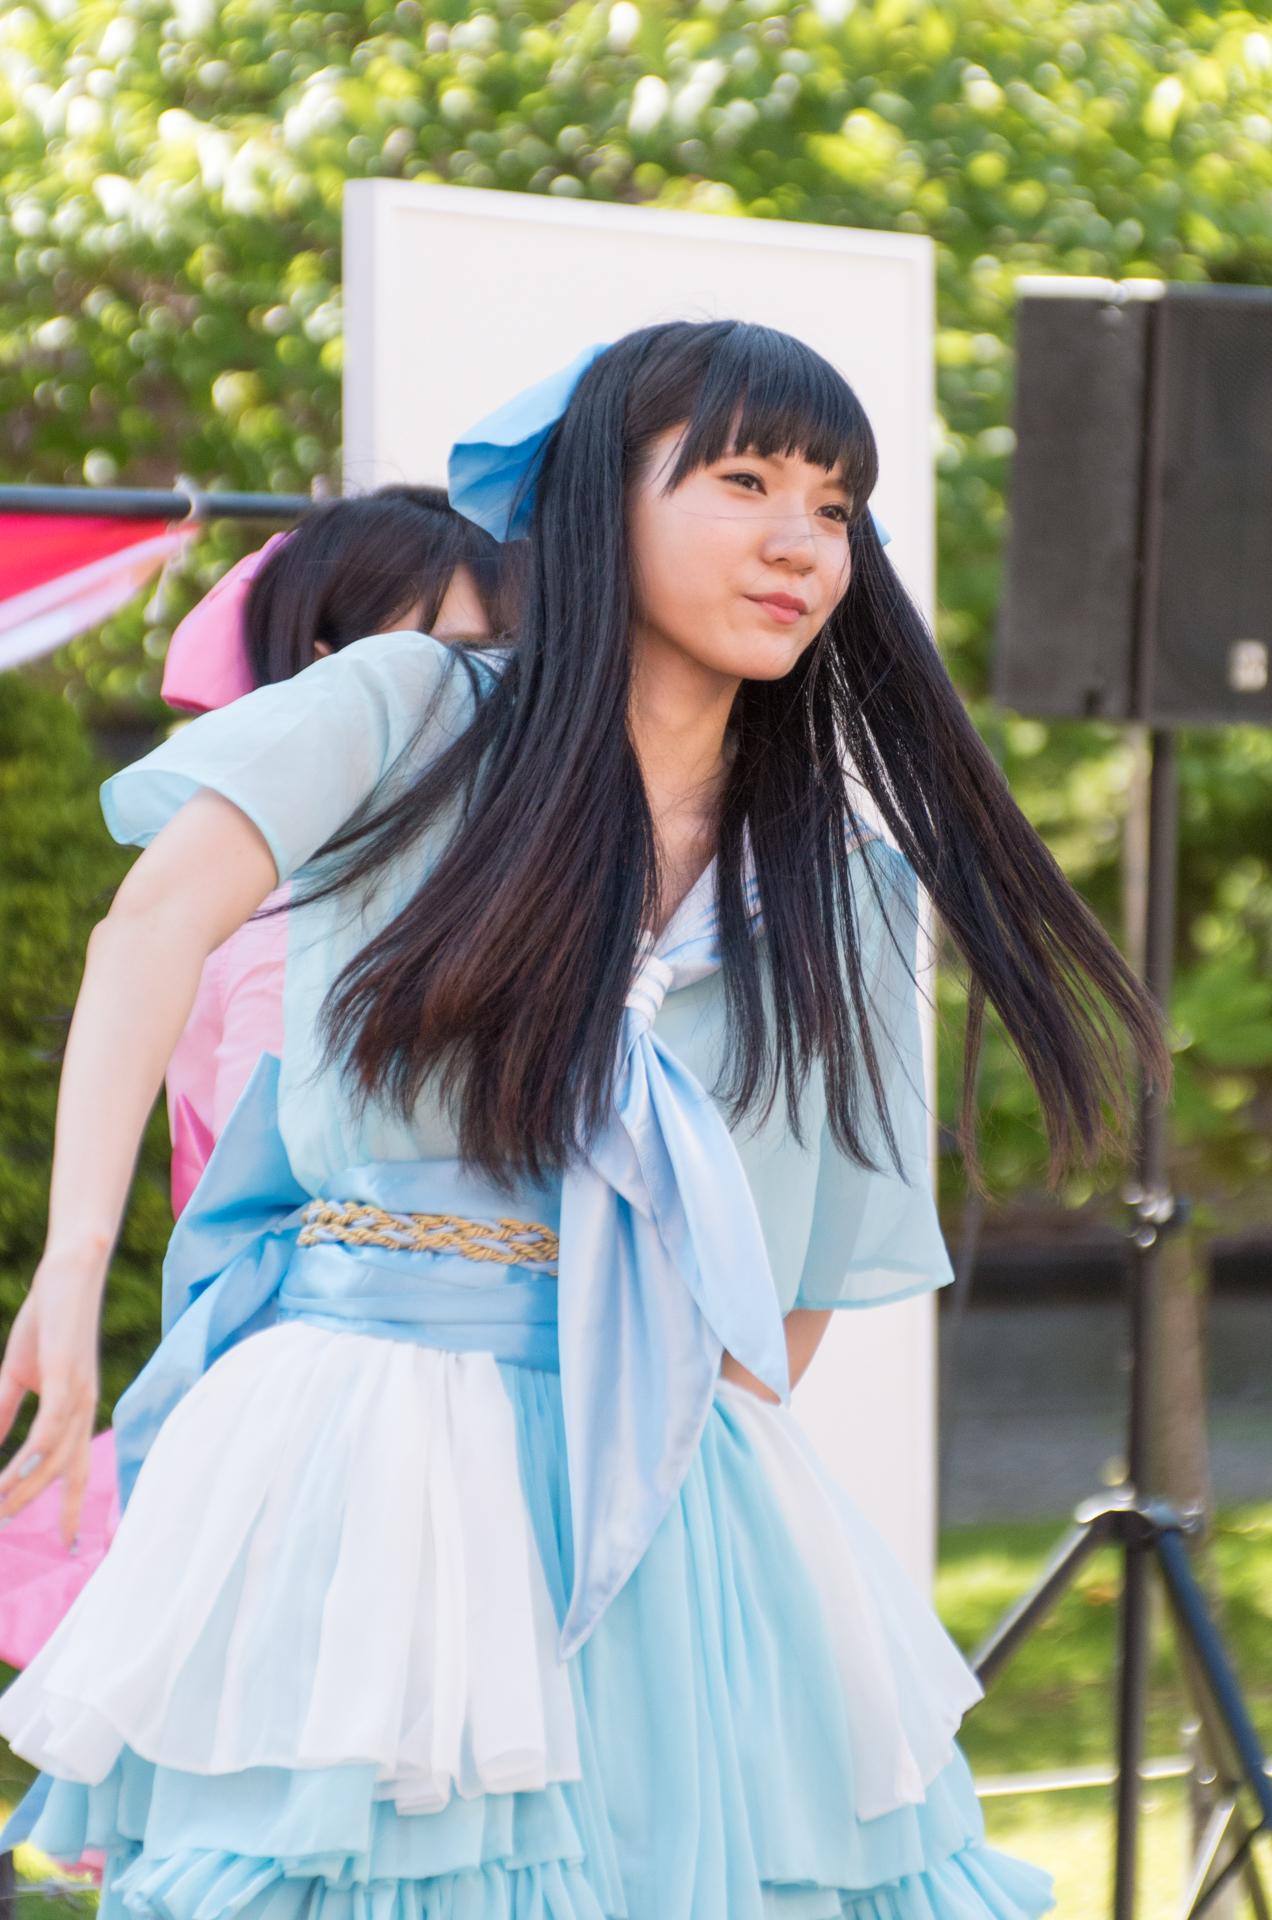 撫子団 夏目さん ( 夏目有莉 ) | アリオ札幌野外ライブ